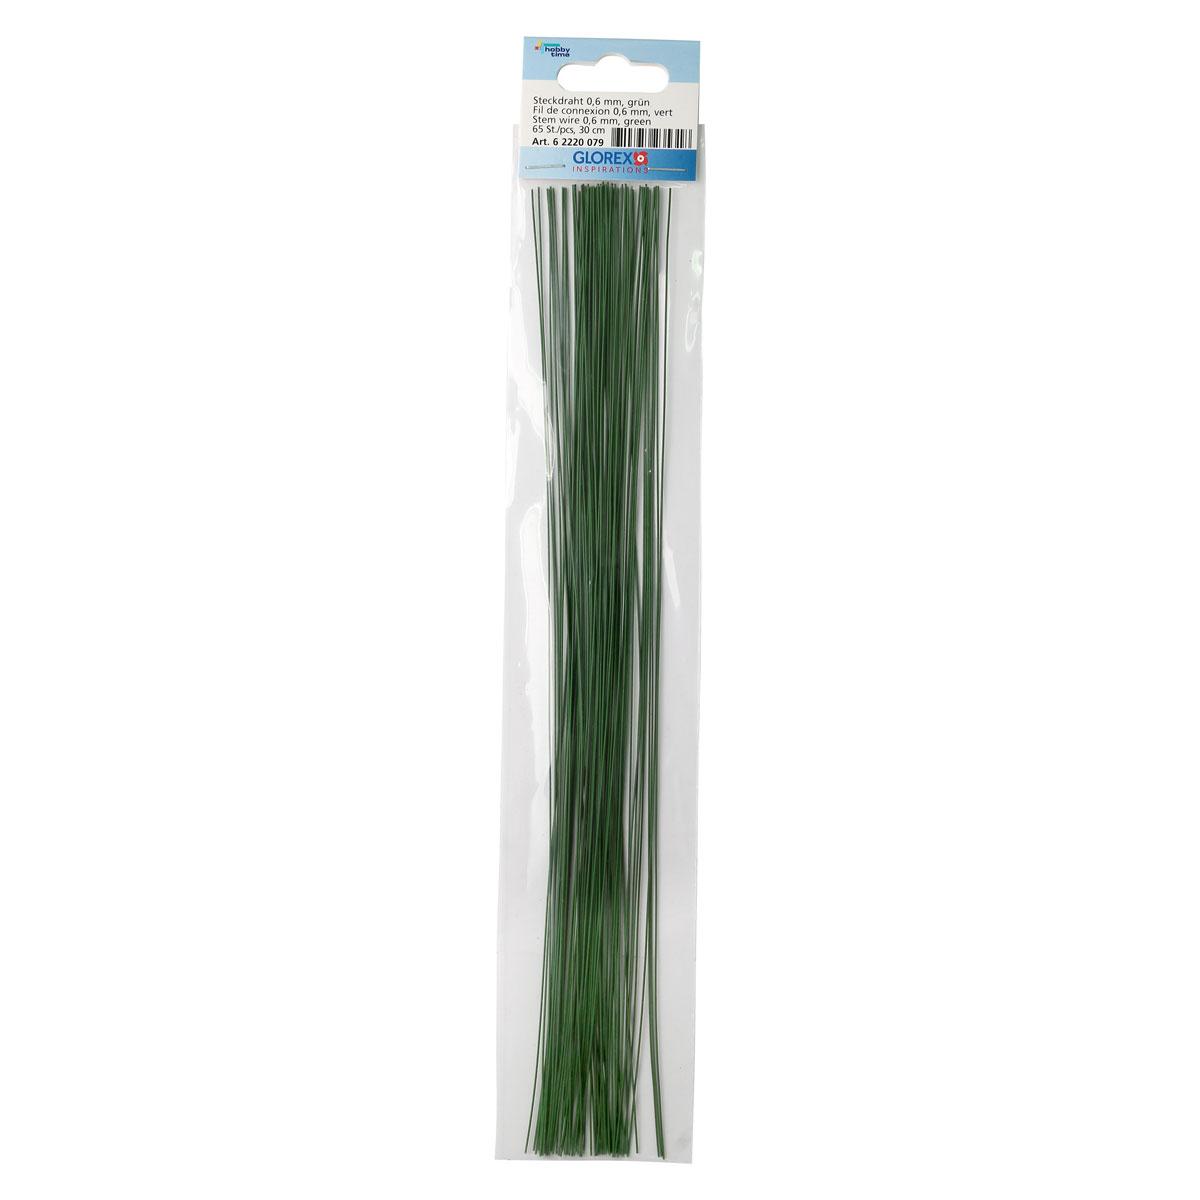 62220079 Проволока, зеленый цв. 0,60мм, 30см, 65шт Glorex